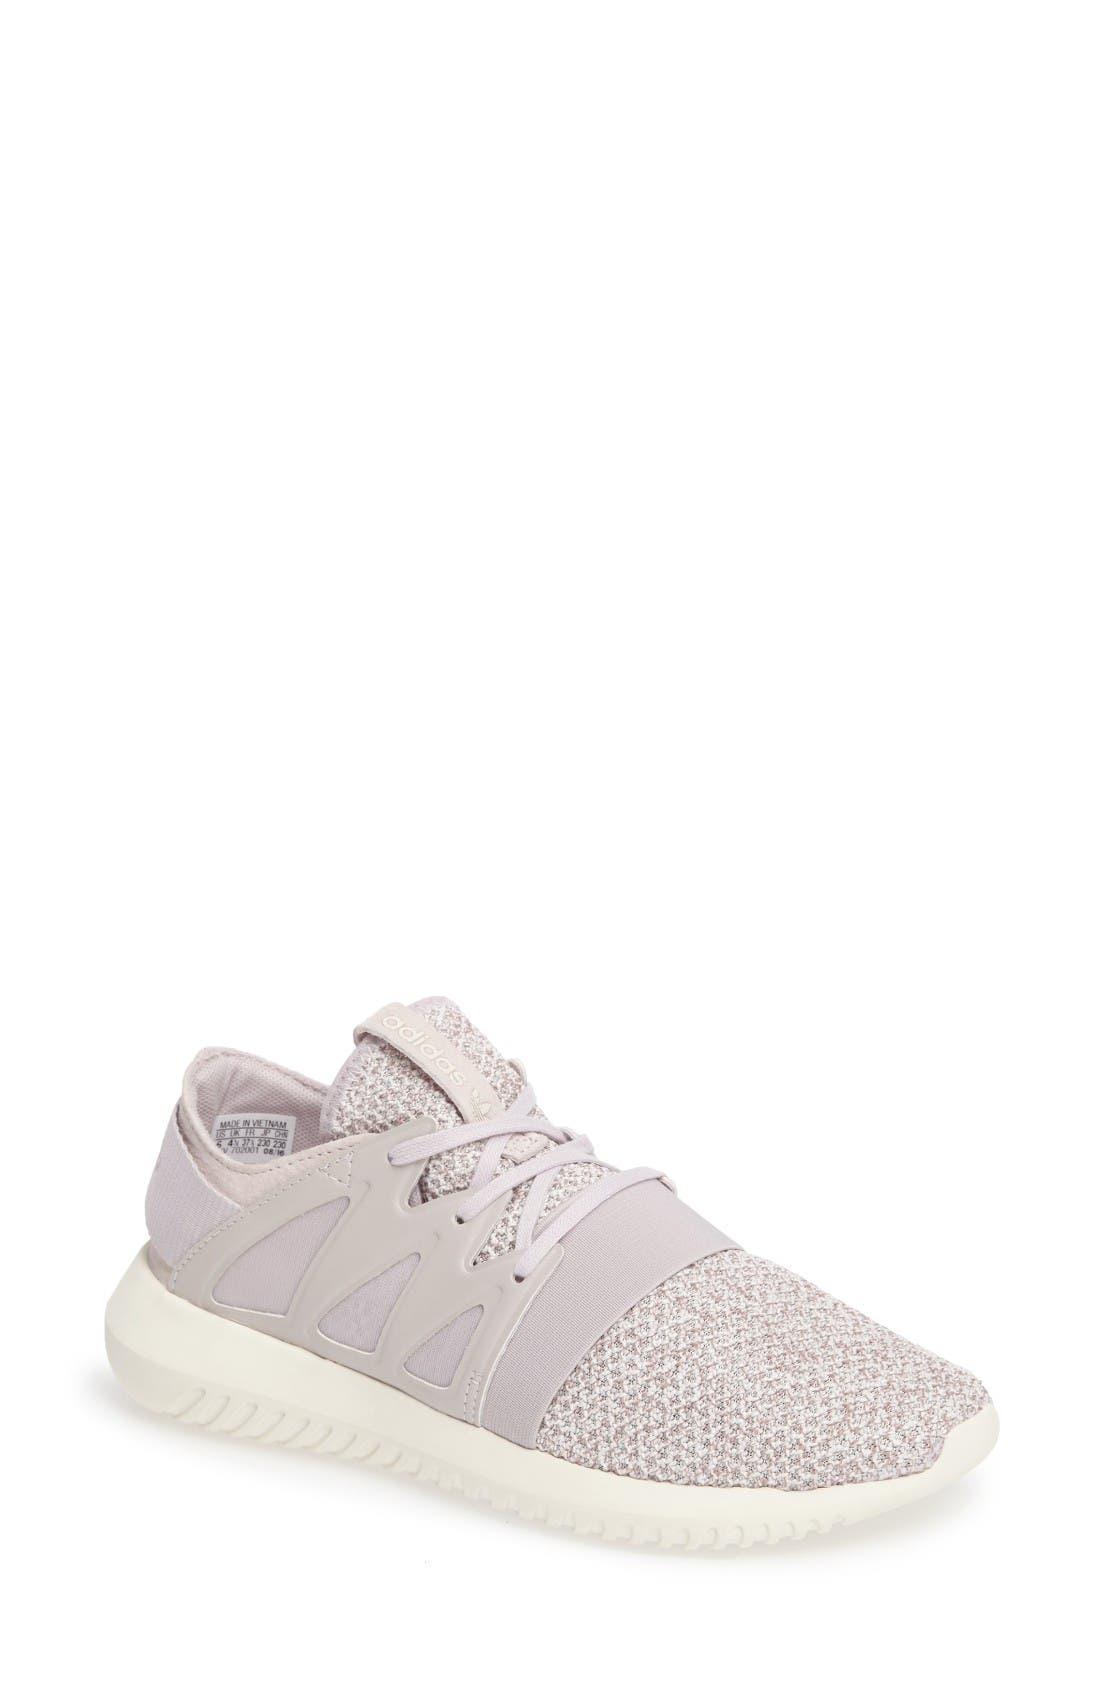 Main Image - adidas Tubular Viral Knit Sneaker (Women)